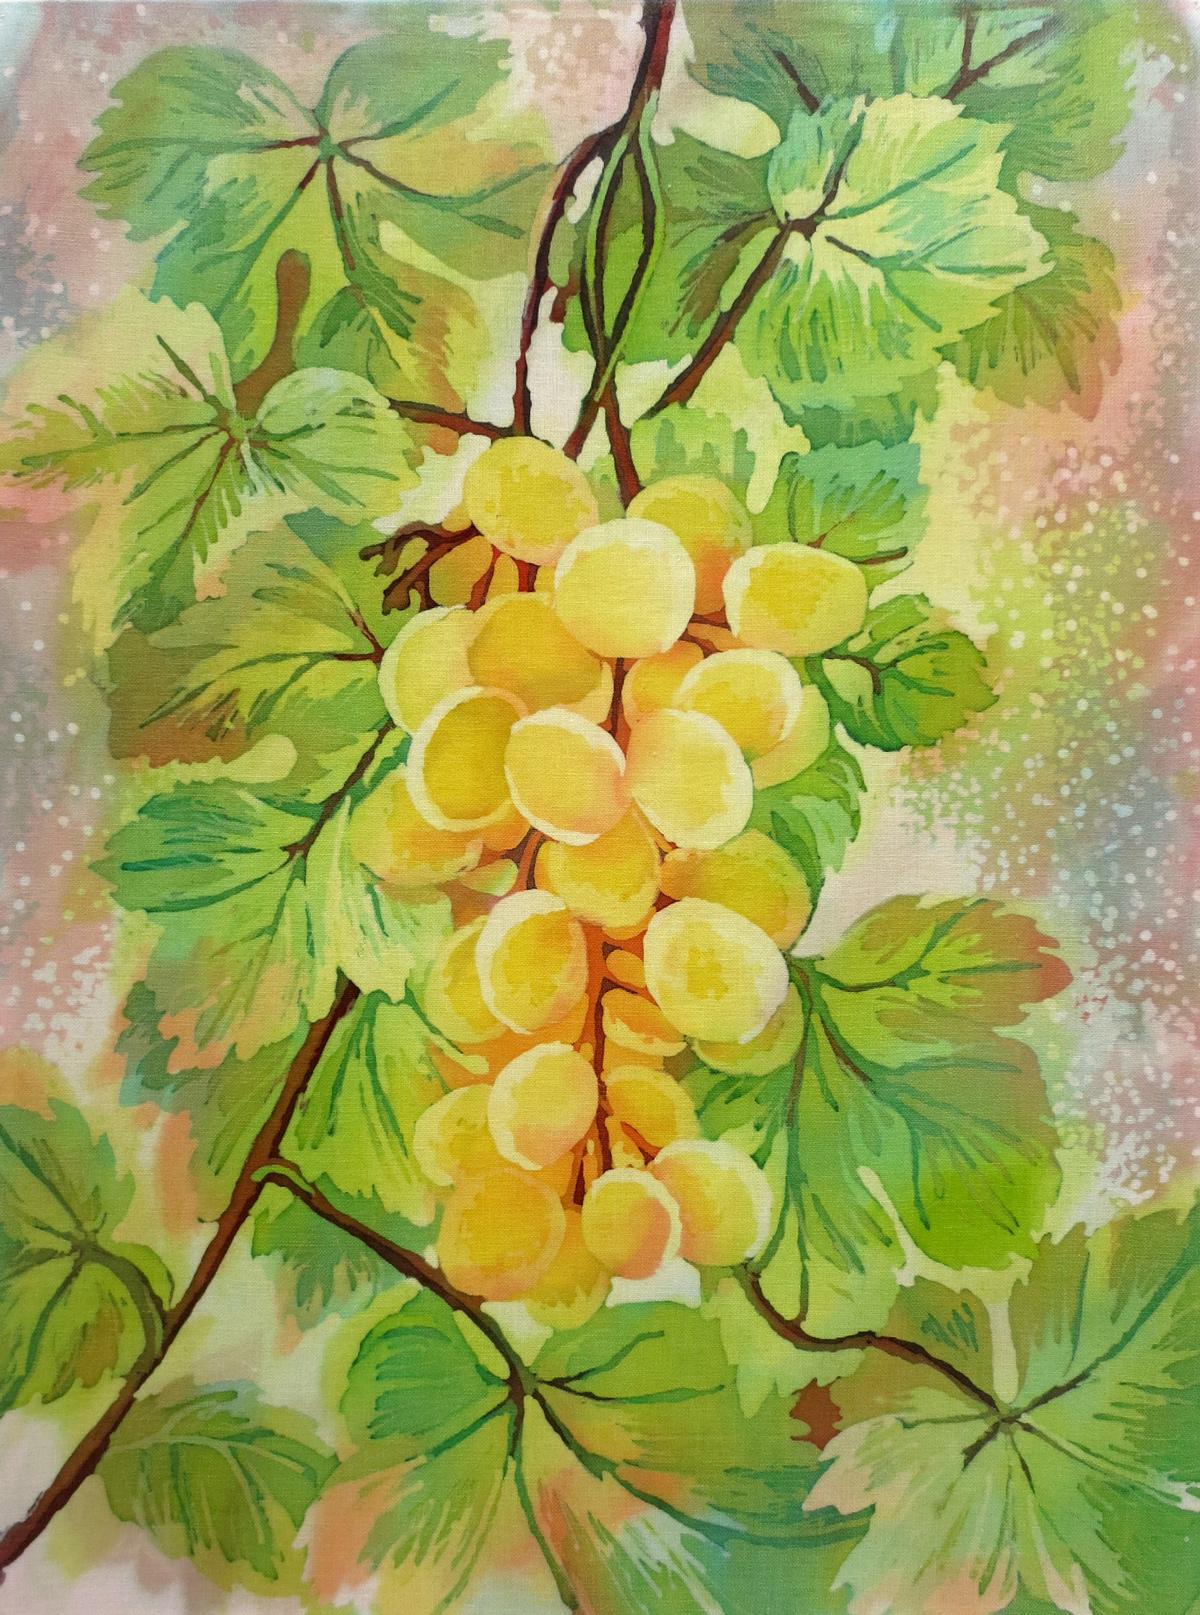 горячий батик виноград, желтый виноград, картина виноград, картина желтый виноград, батик виноград, горячий батик виноград,